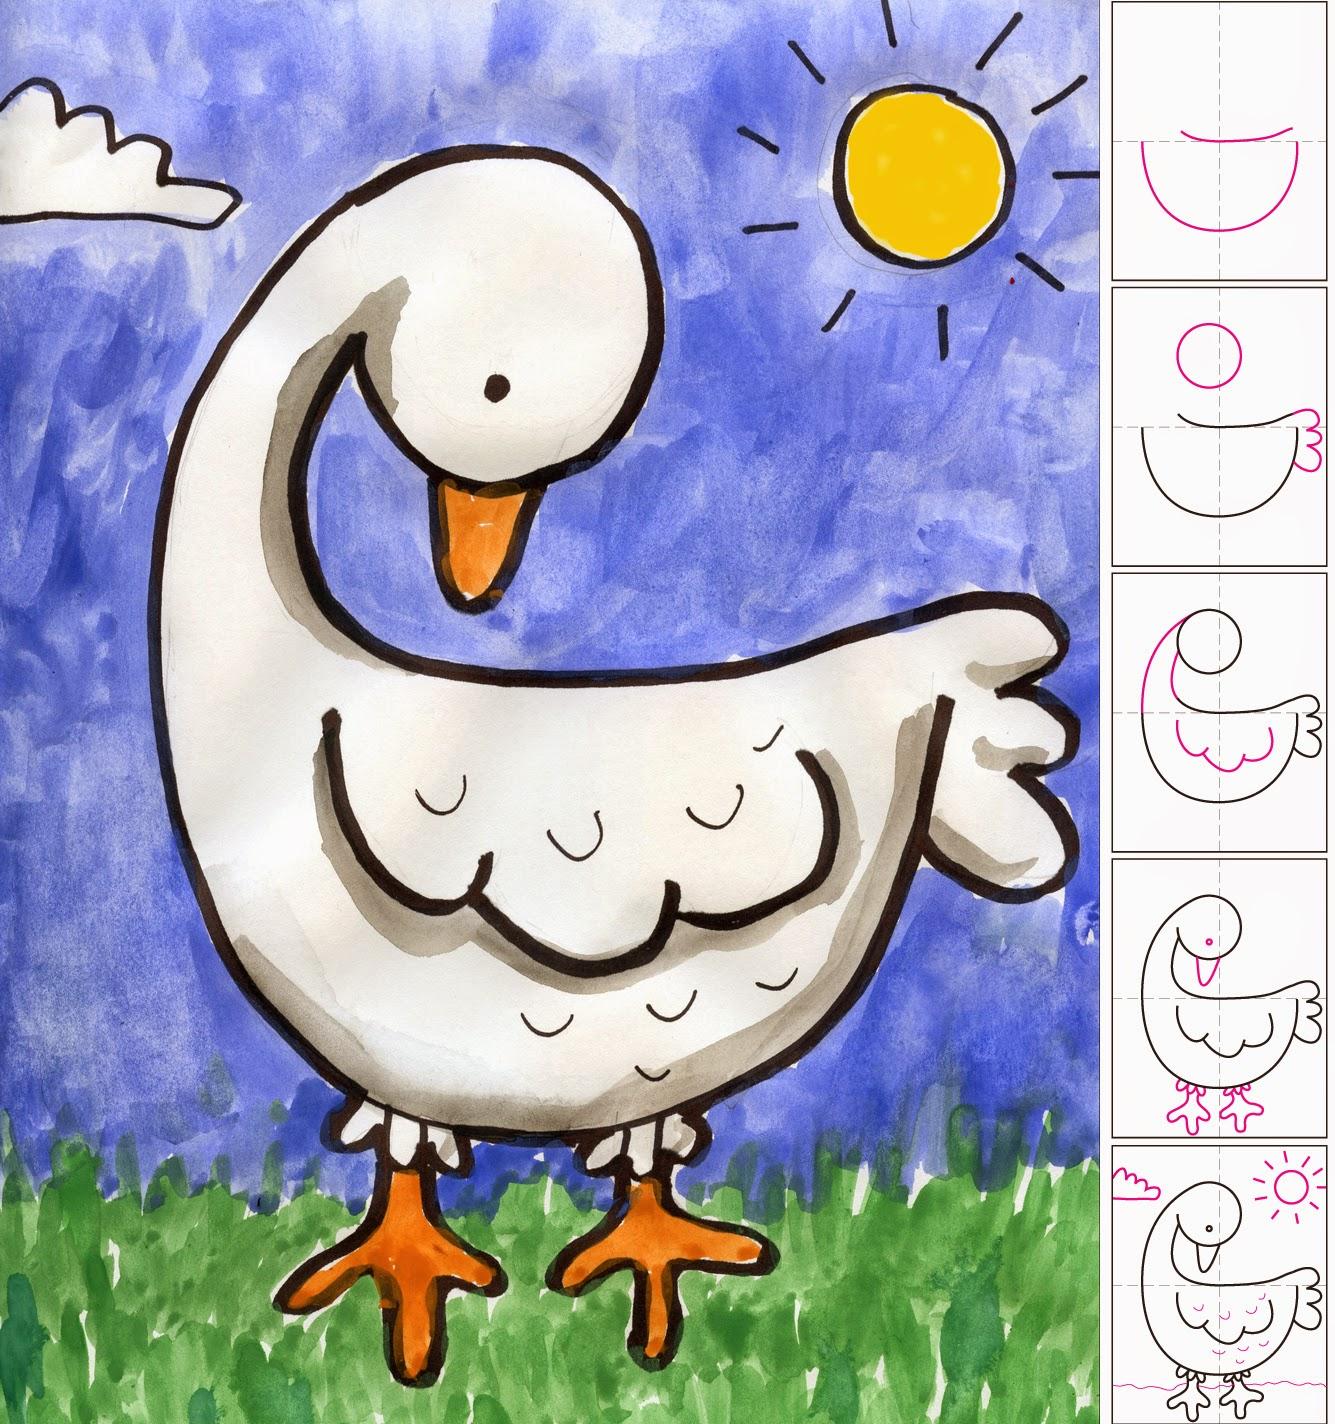 http://4.bp.blogspot.com/-PoltuDQJ_uo/U5_WyGn1-DI/AAAAAAAAT0Y/R71OY_JFw-w/s1600/goose+copy.jpg